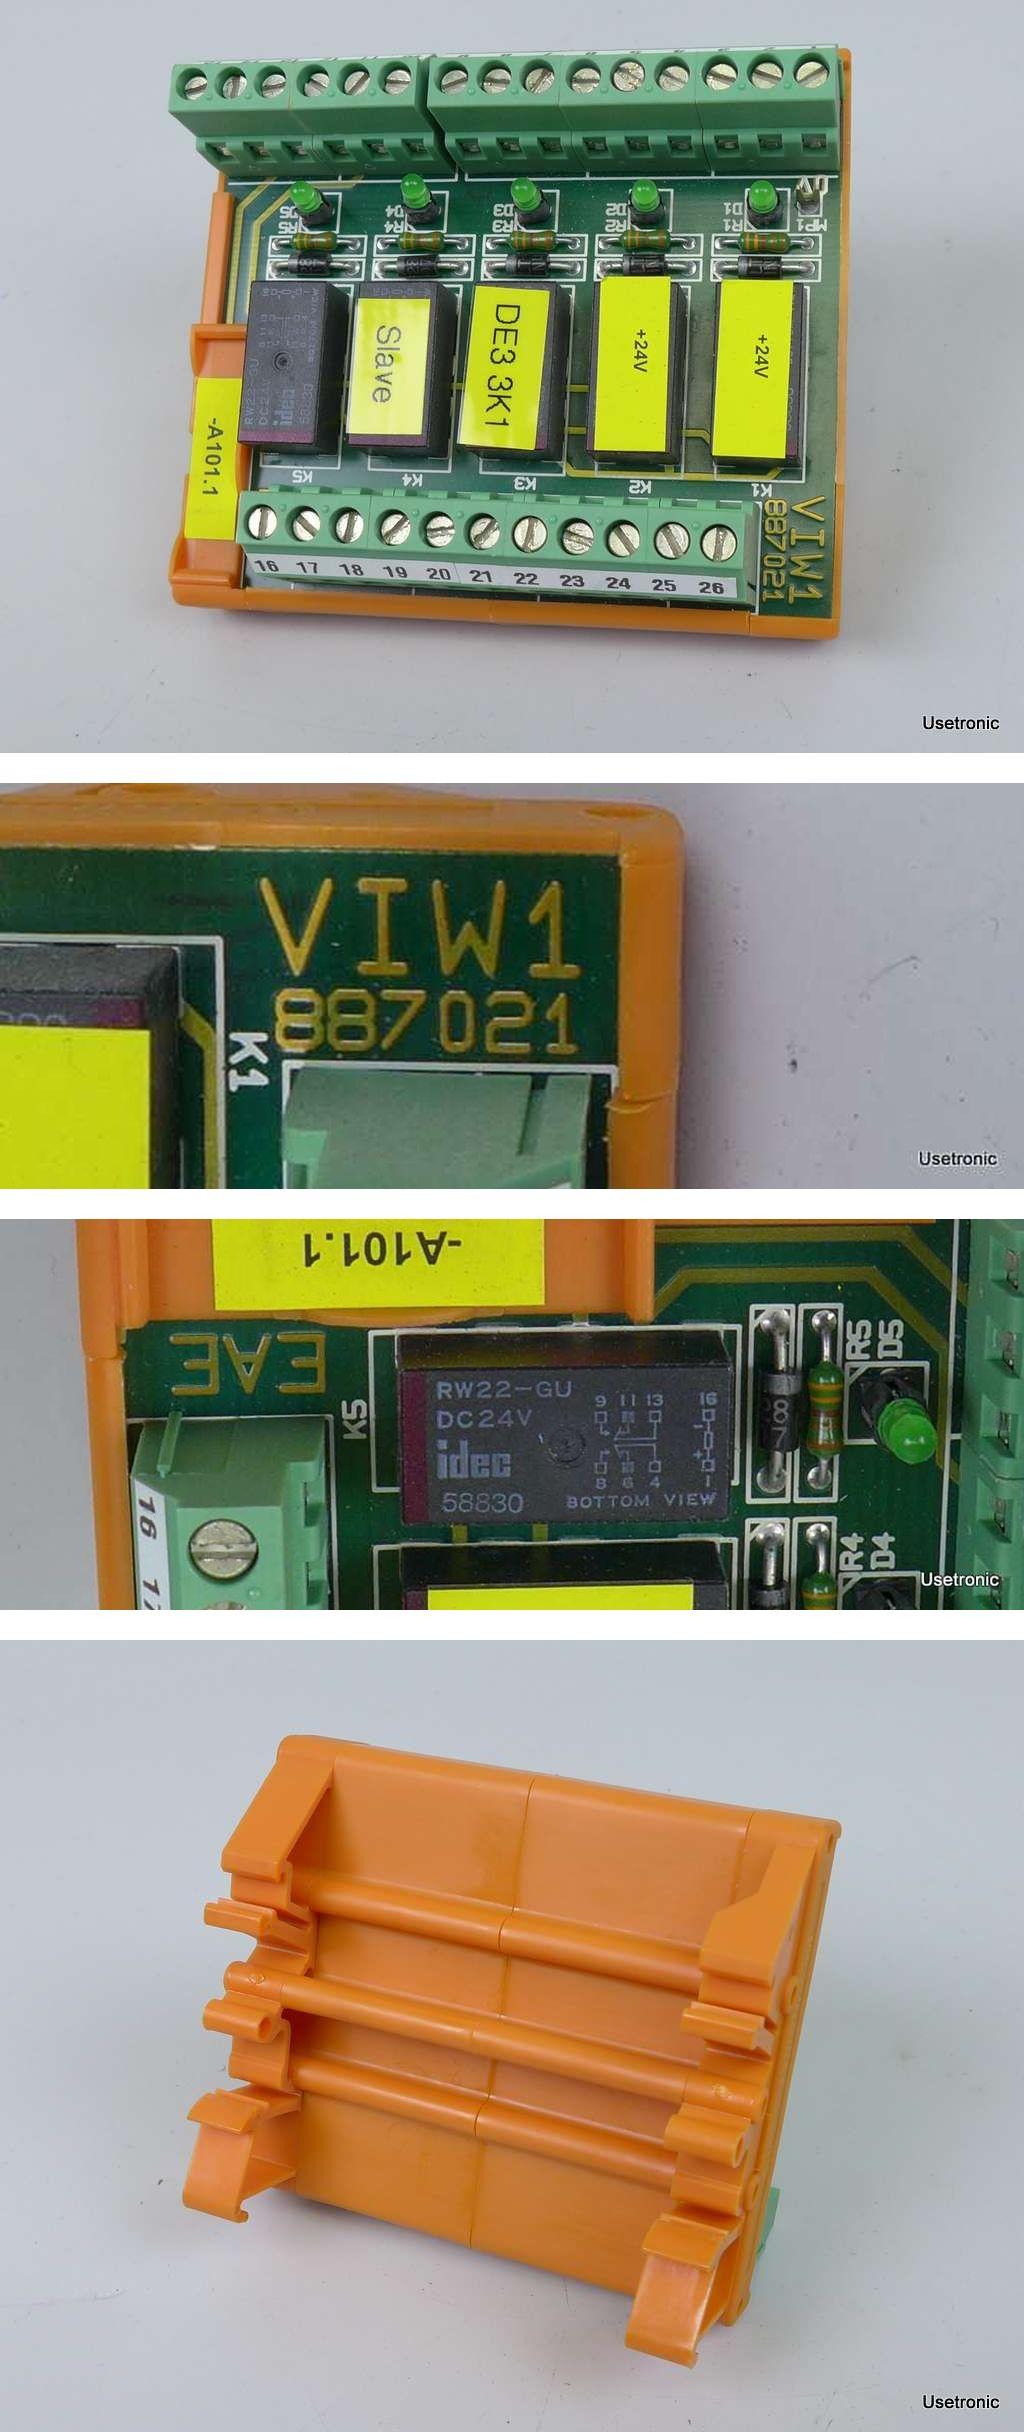 EAE VIW1 887021